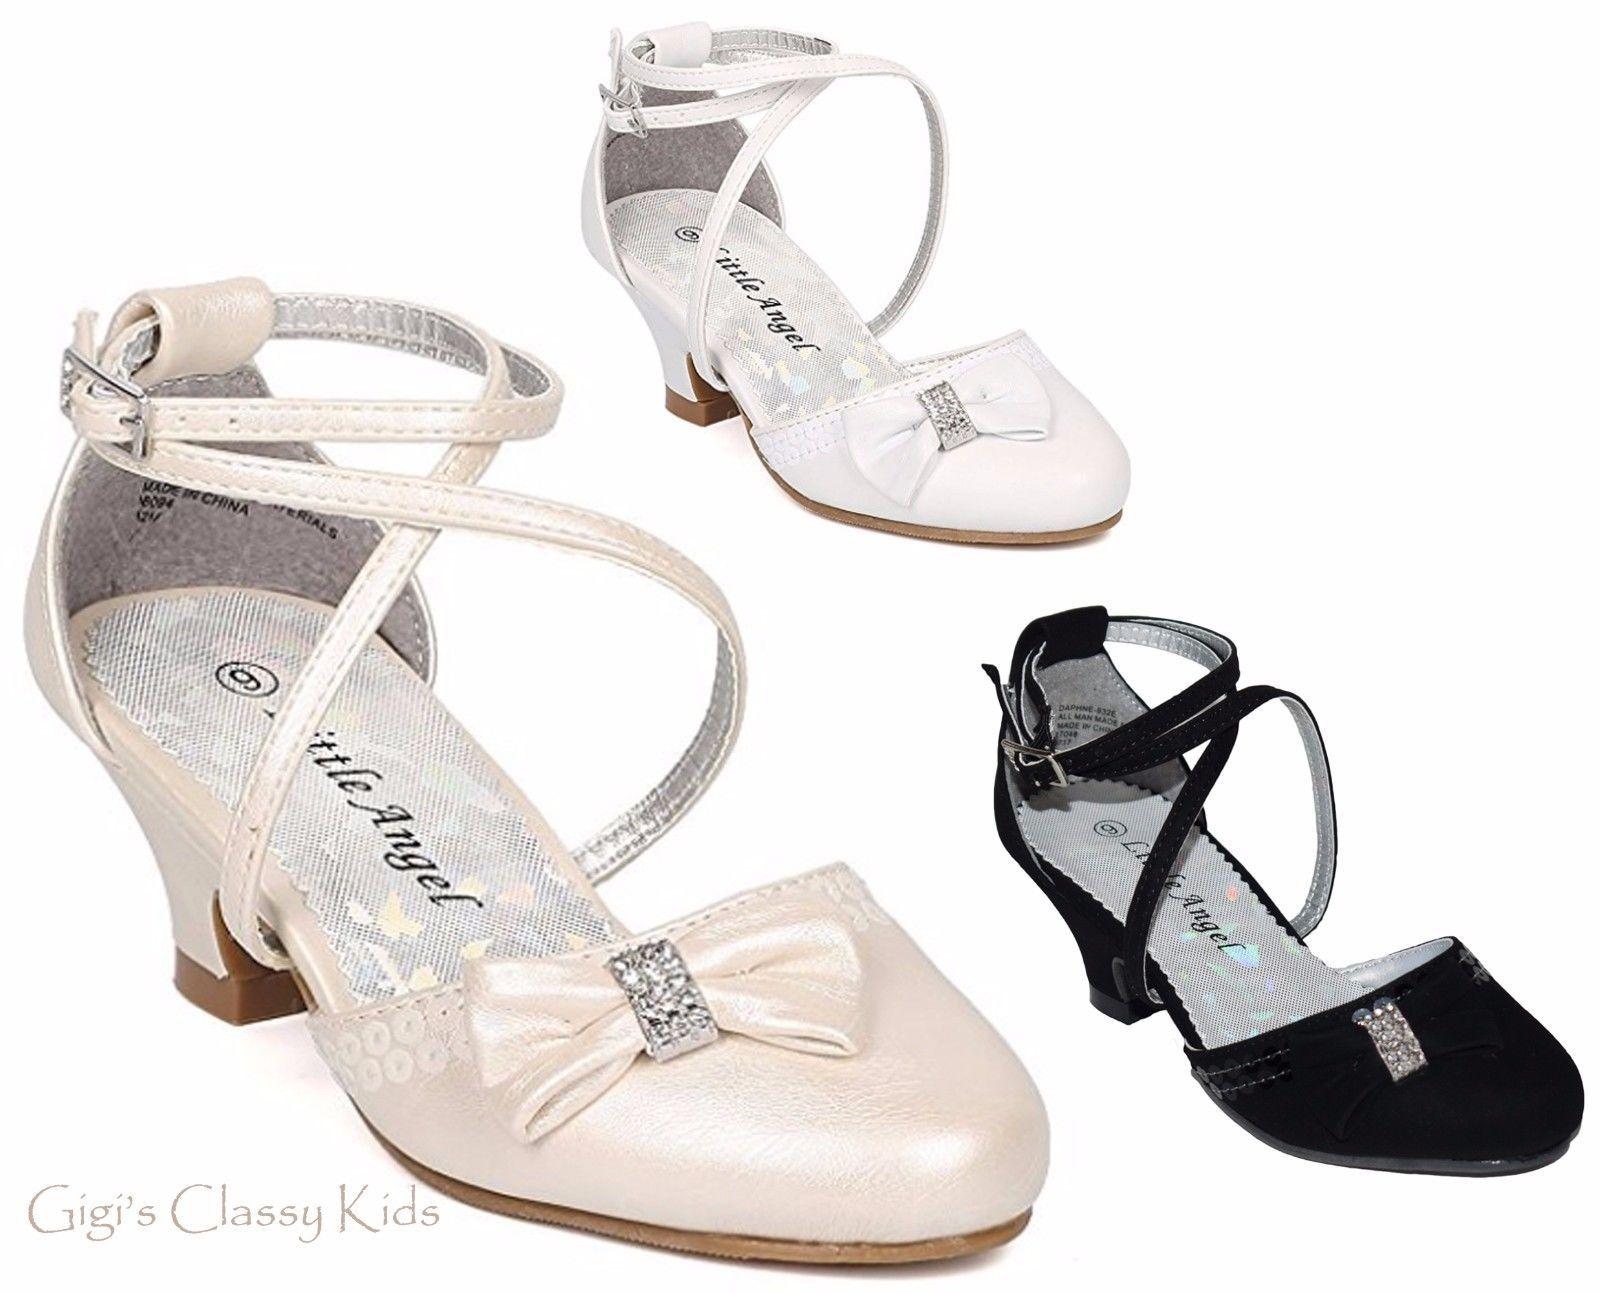 kids ivory dress shoes